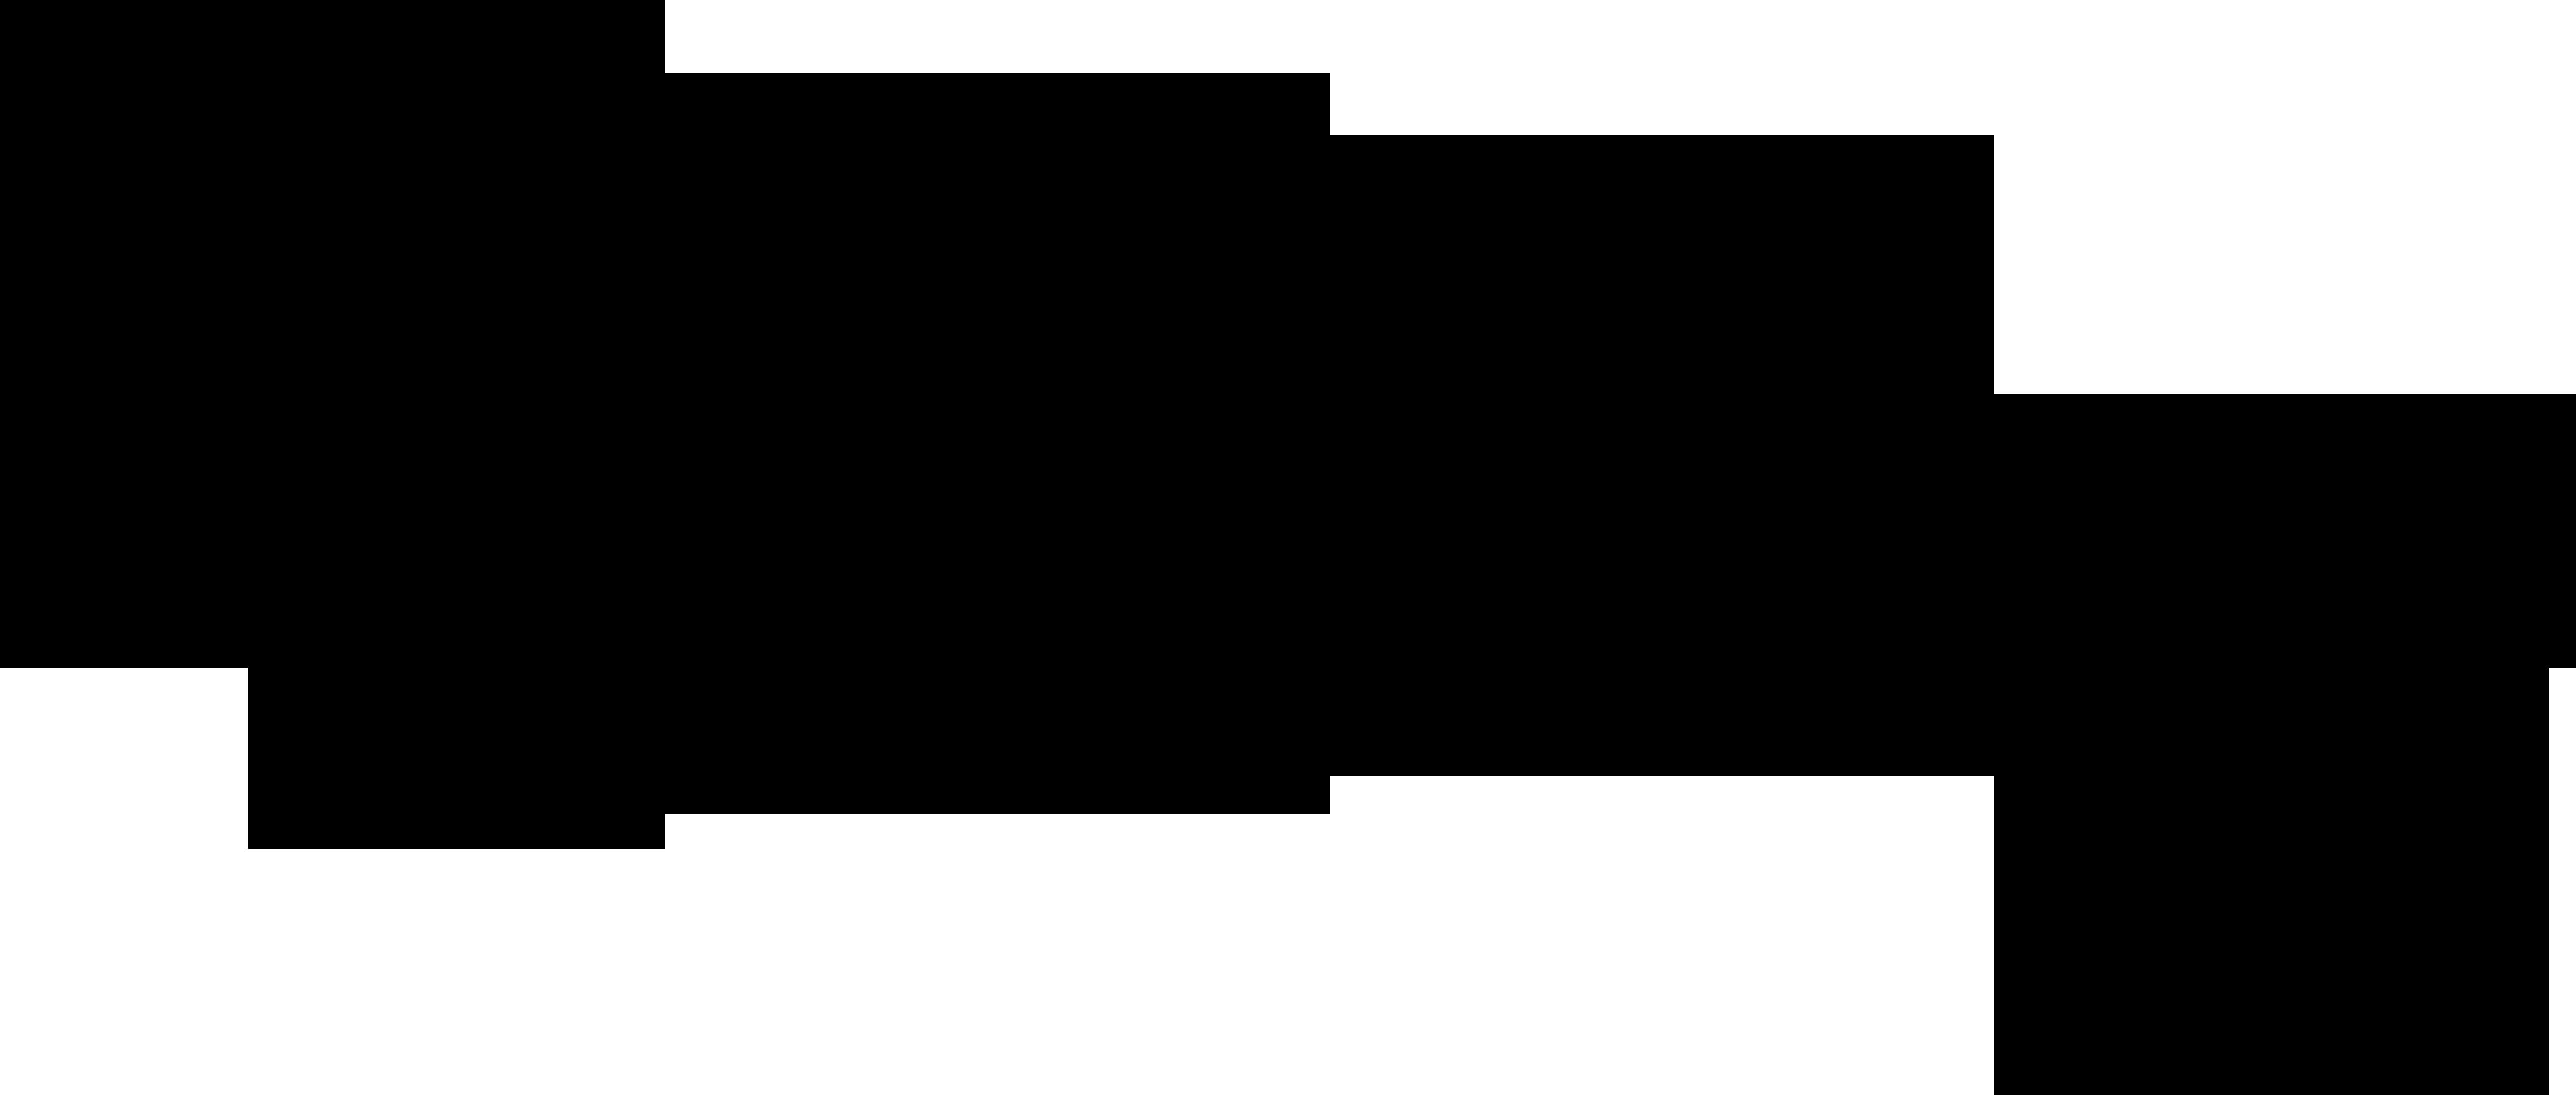 ロゴ ディズニー | 7331 イラス